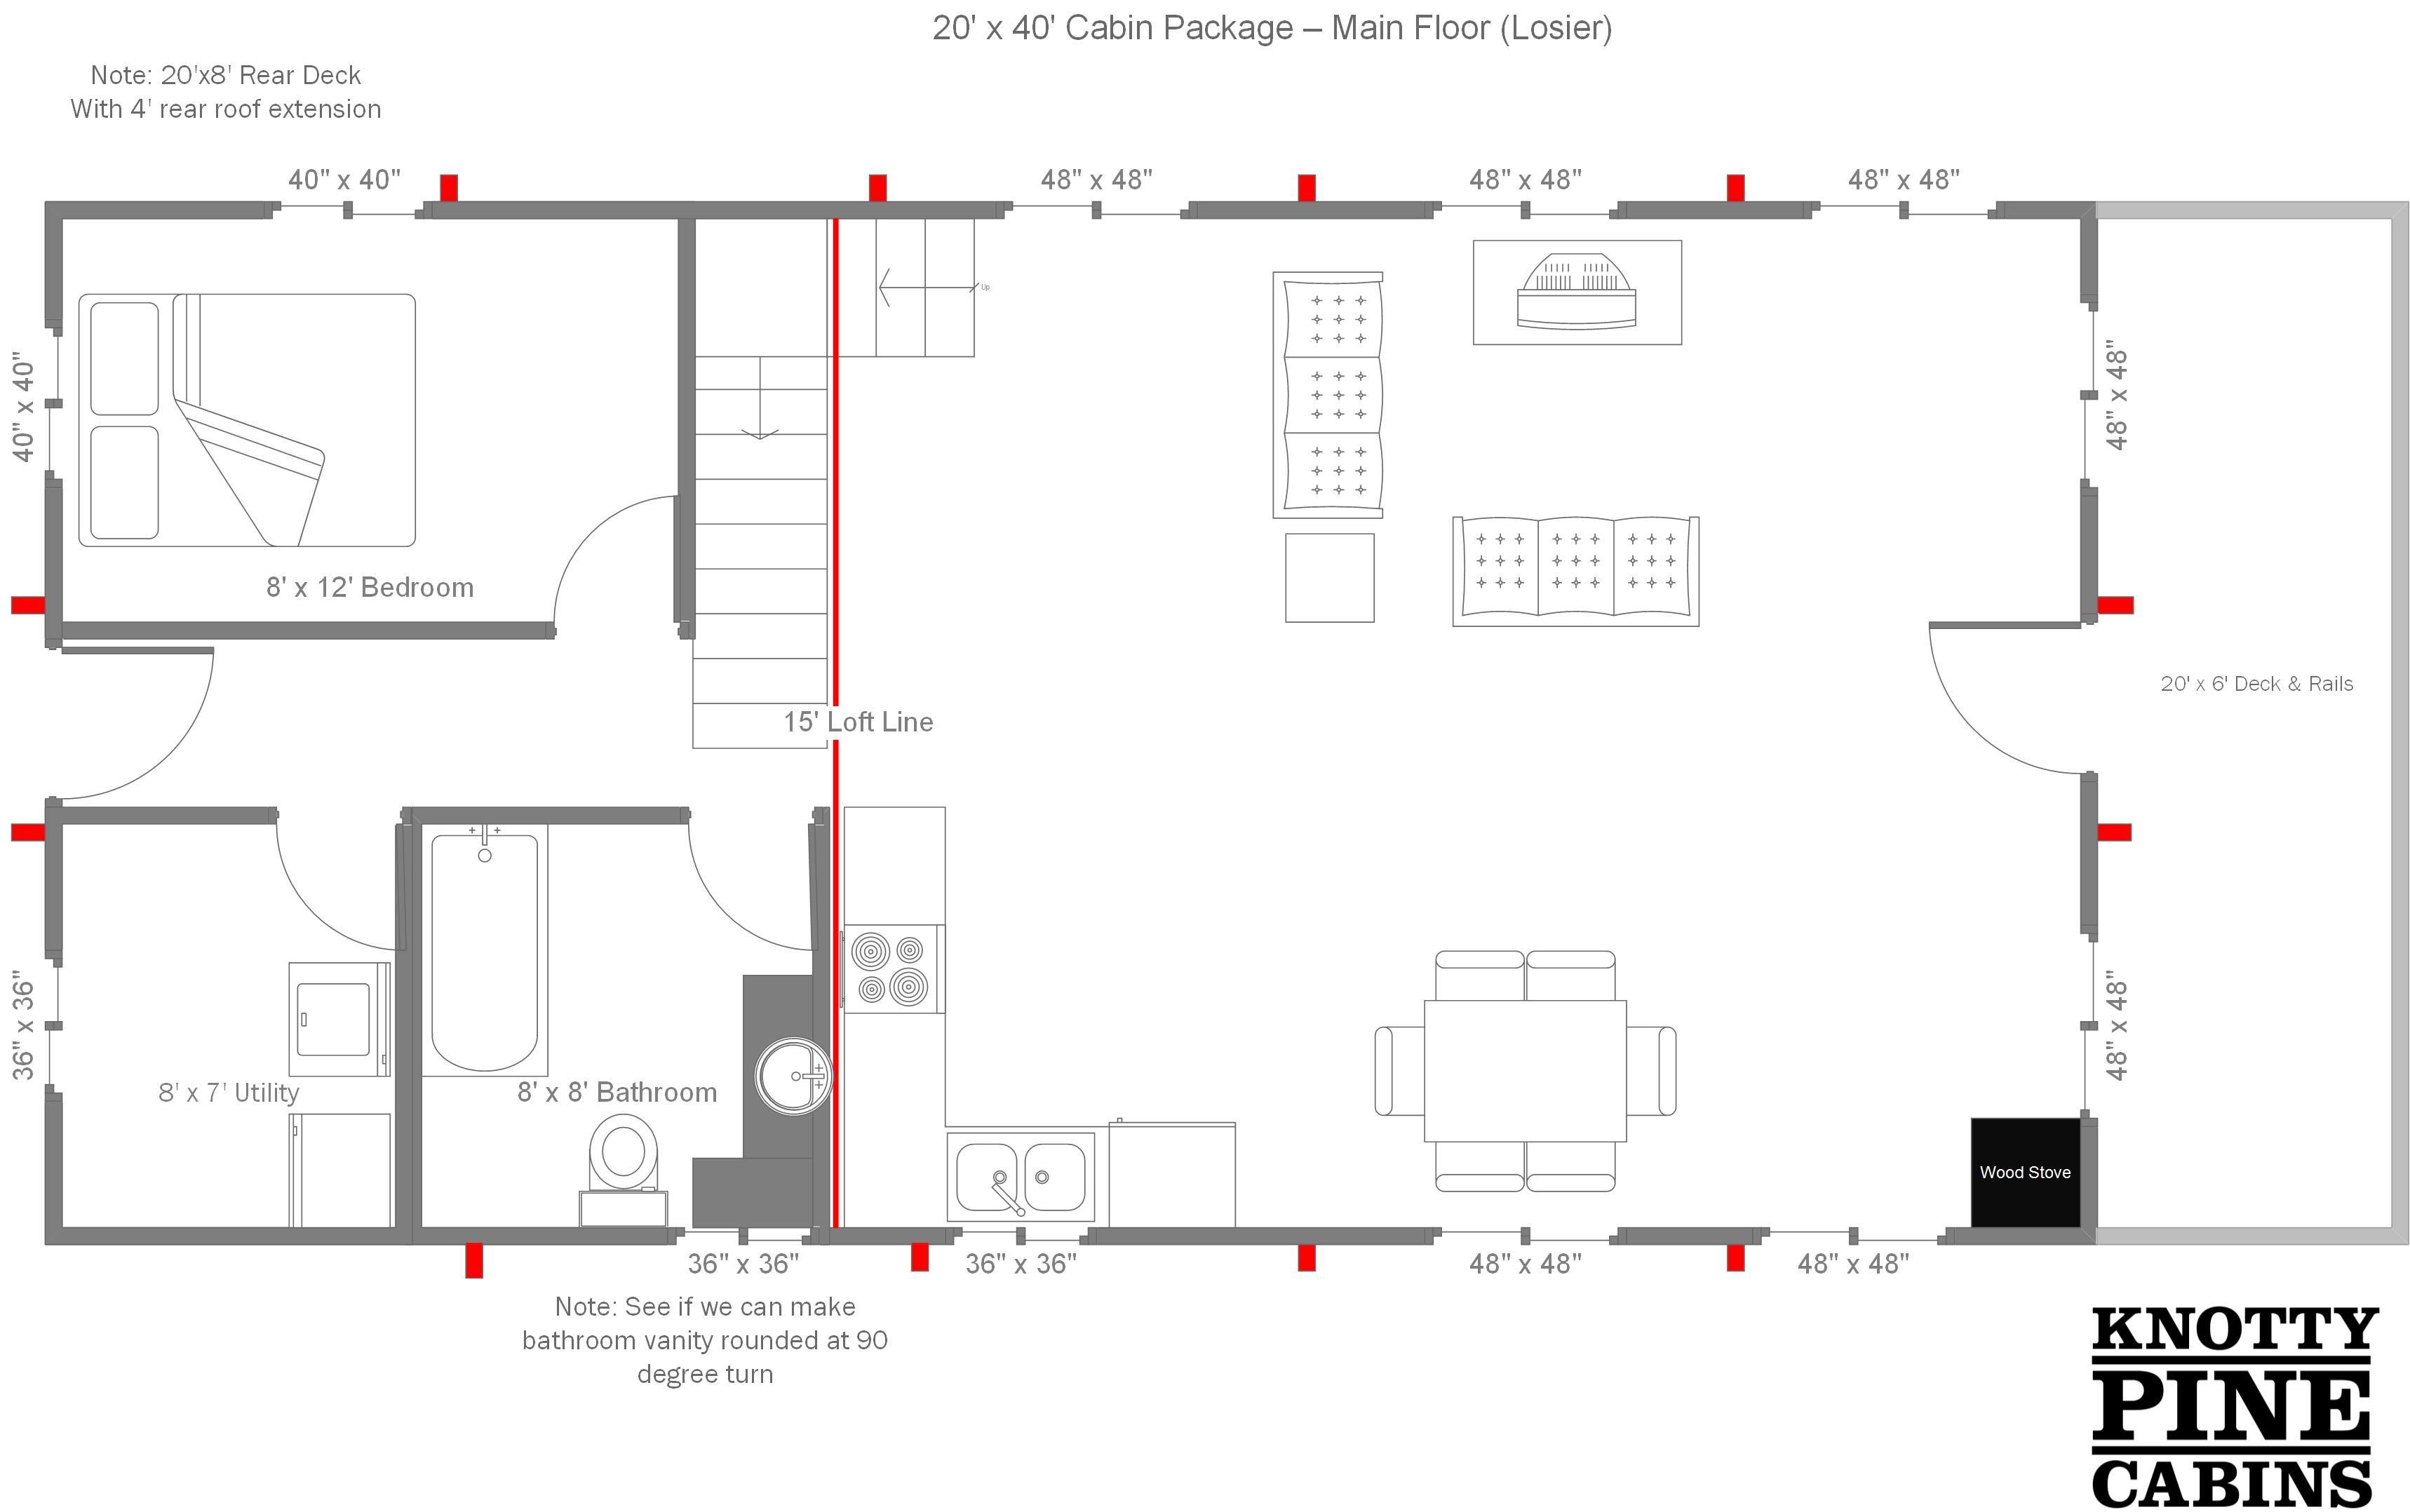 Floor Plans Alberta Cabin Packages Floor Plans Prefabricated Cabins Log Cabin Homes